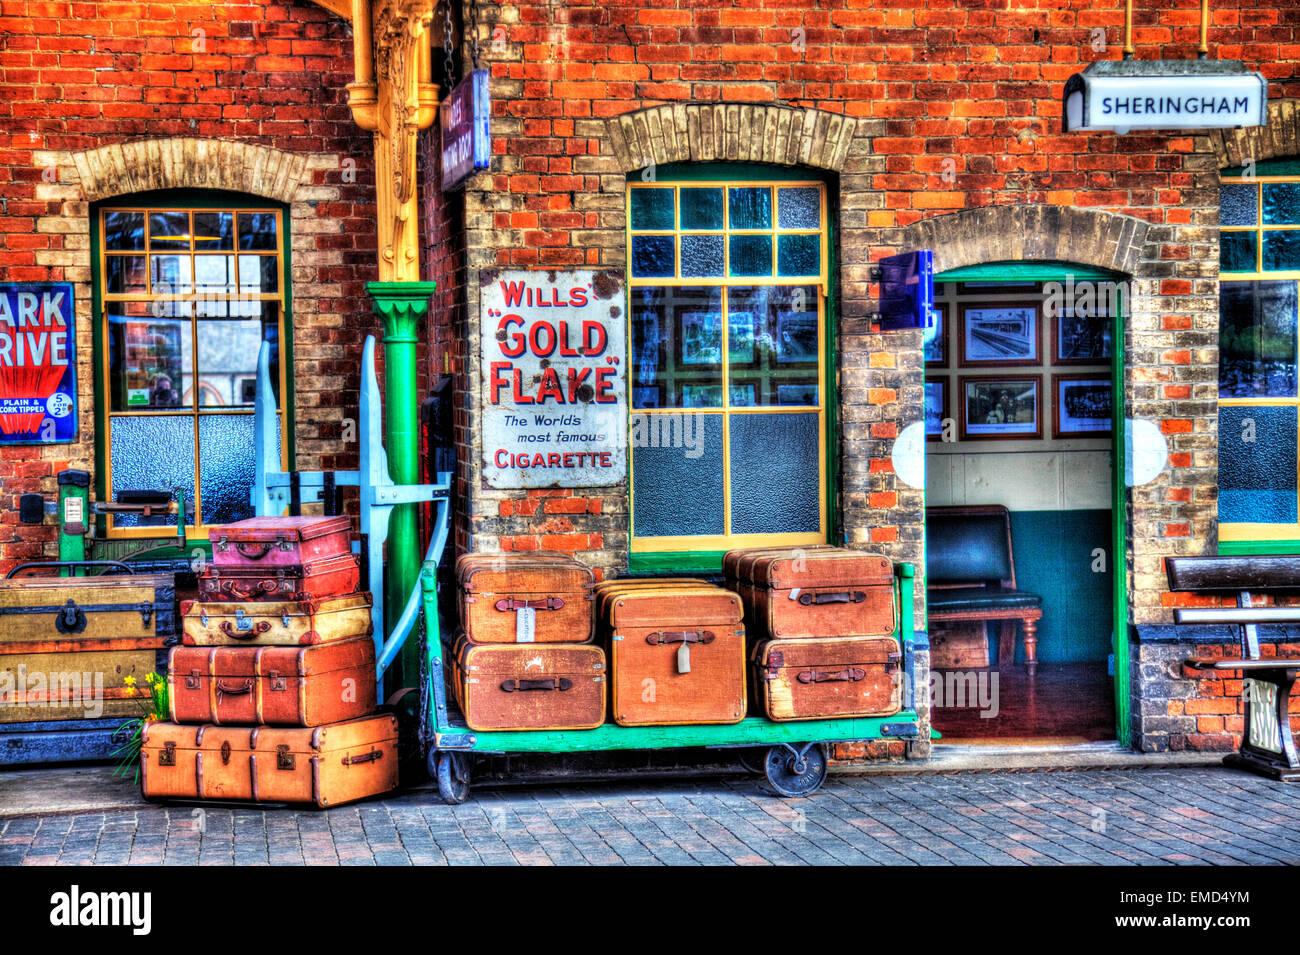 Sheringham North Norfolk UK England luggage travel cases suitcases old nostalgic trunk - Stock Image